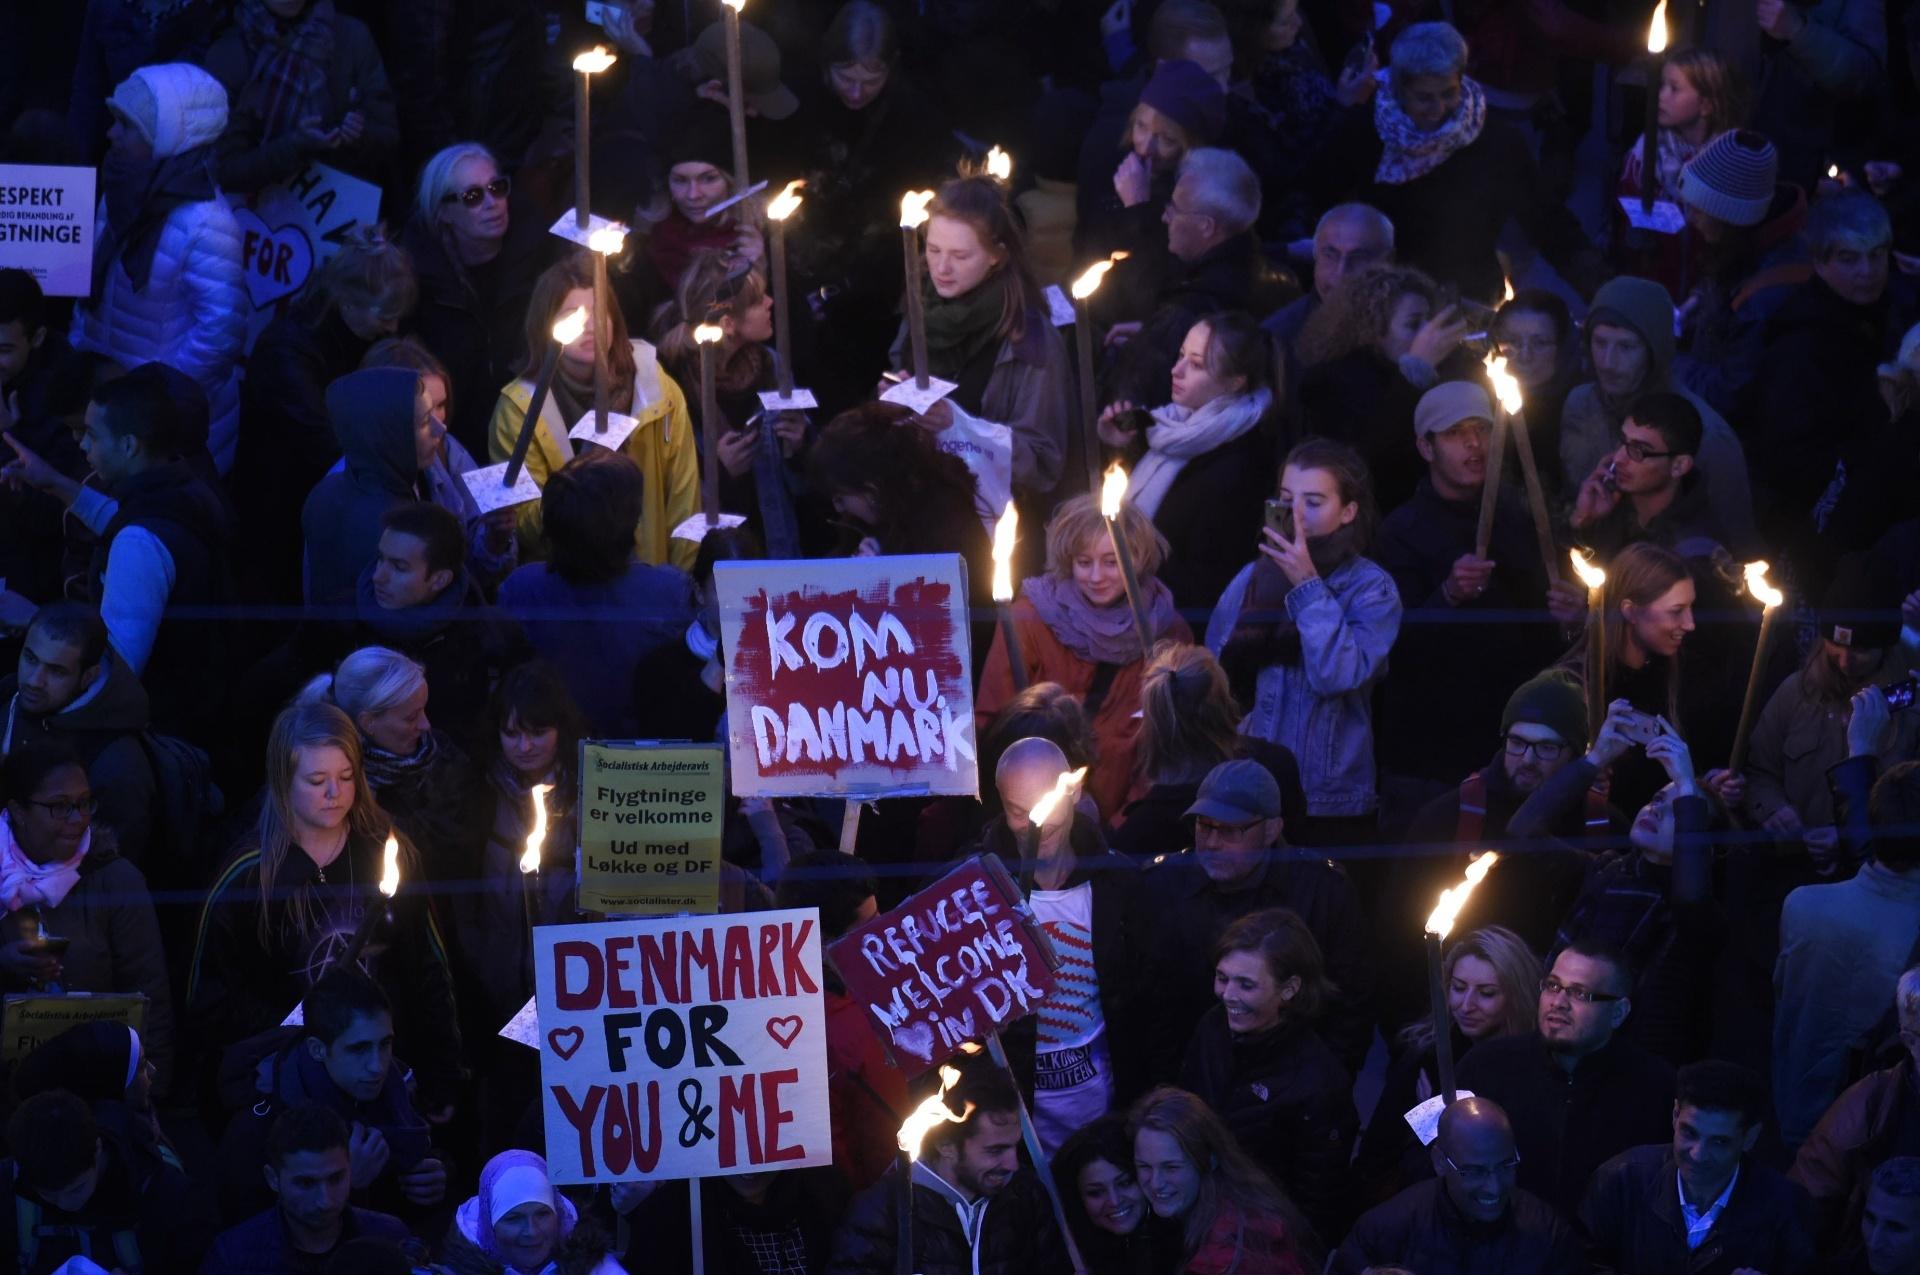 6.out.2015 - Diante do Parlamento dinamarquês, moradores da capital do país, Copenhague, se manifestam a favor da recepção de refugiados. A Dinamarca endureceu recentemente as regras para pedidos de asilo. Segundo o FMI, a chegada maciça de refugiados pode pesar no orçamento europeu, mas impulsionará o crescimento no longo prazo